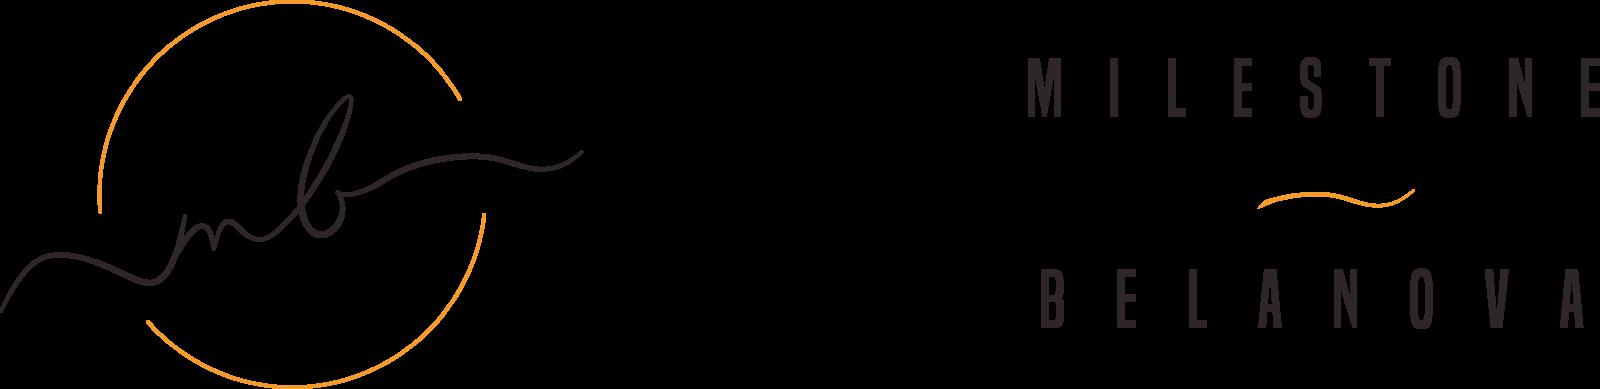 Milestone-Belanova